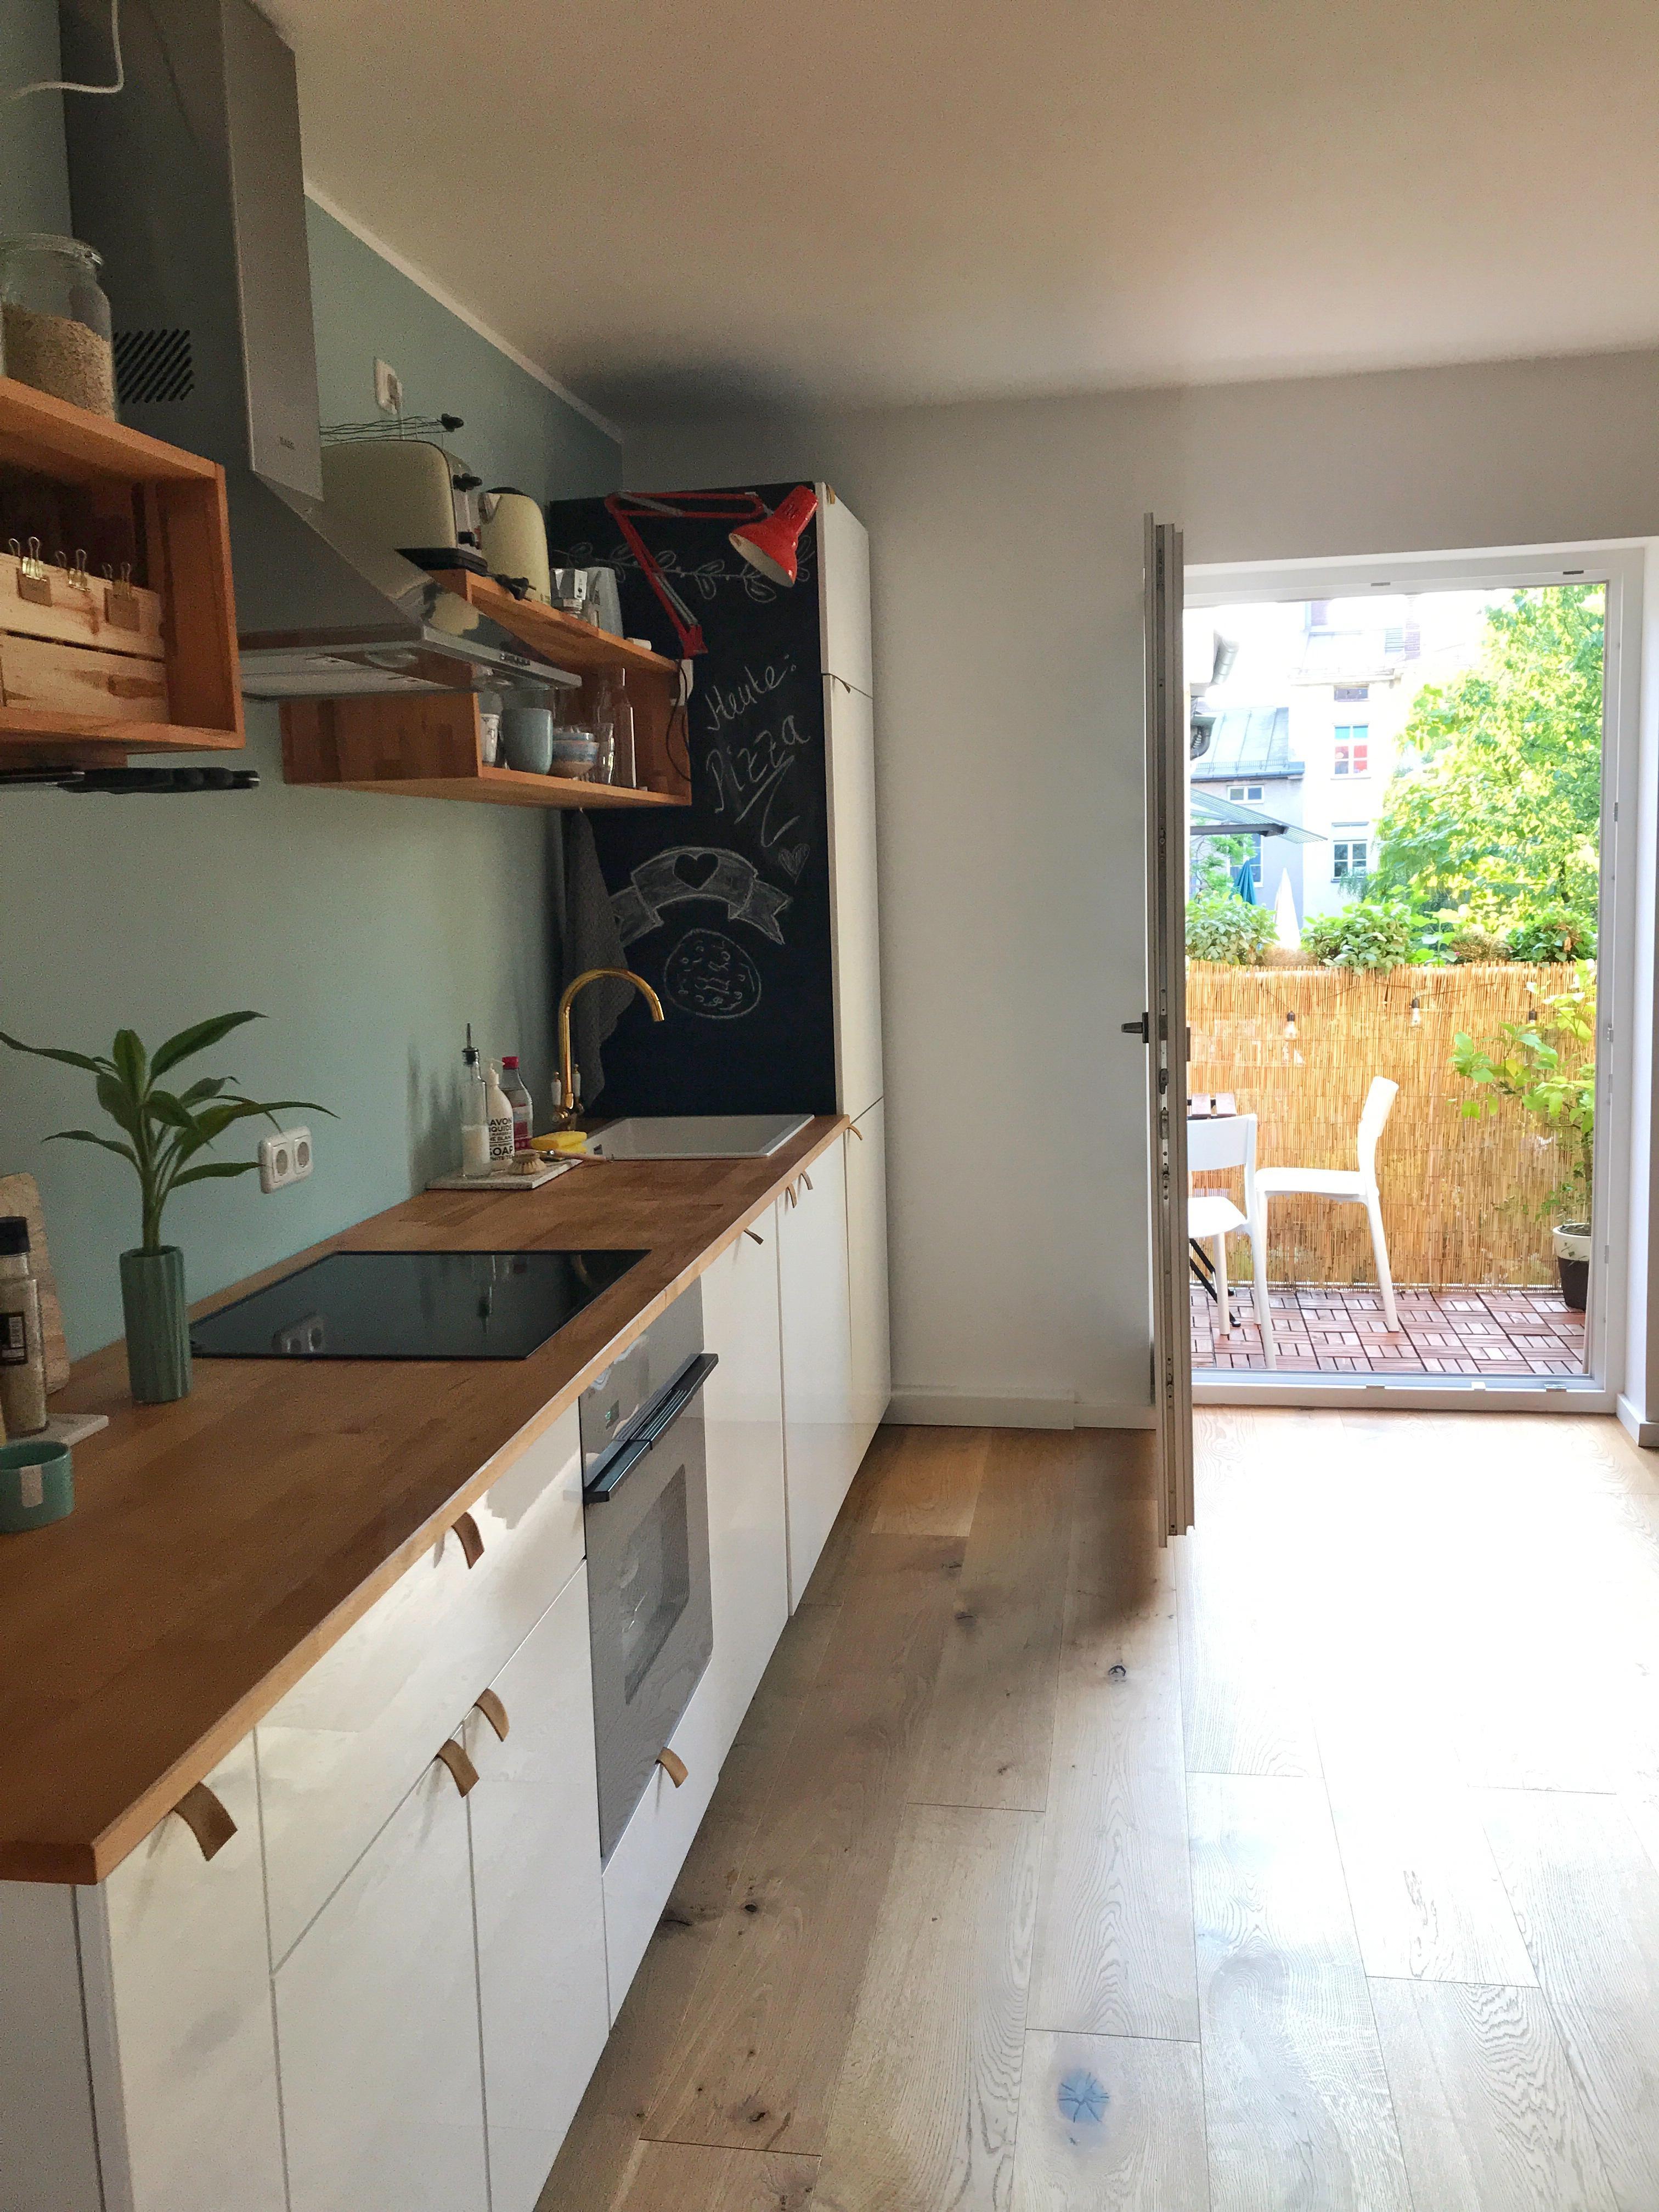 Unglaublich Tafelwand Küche Dekoration Von #küche #scandi #interiordesign #farben #tafelwand